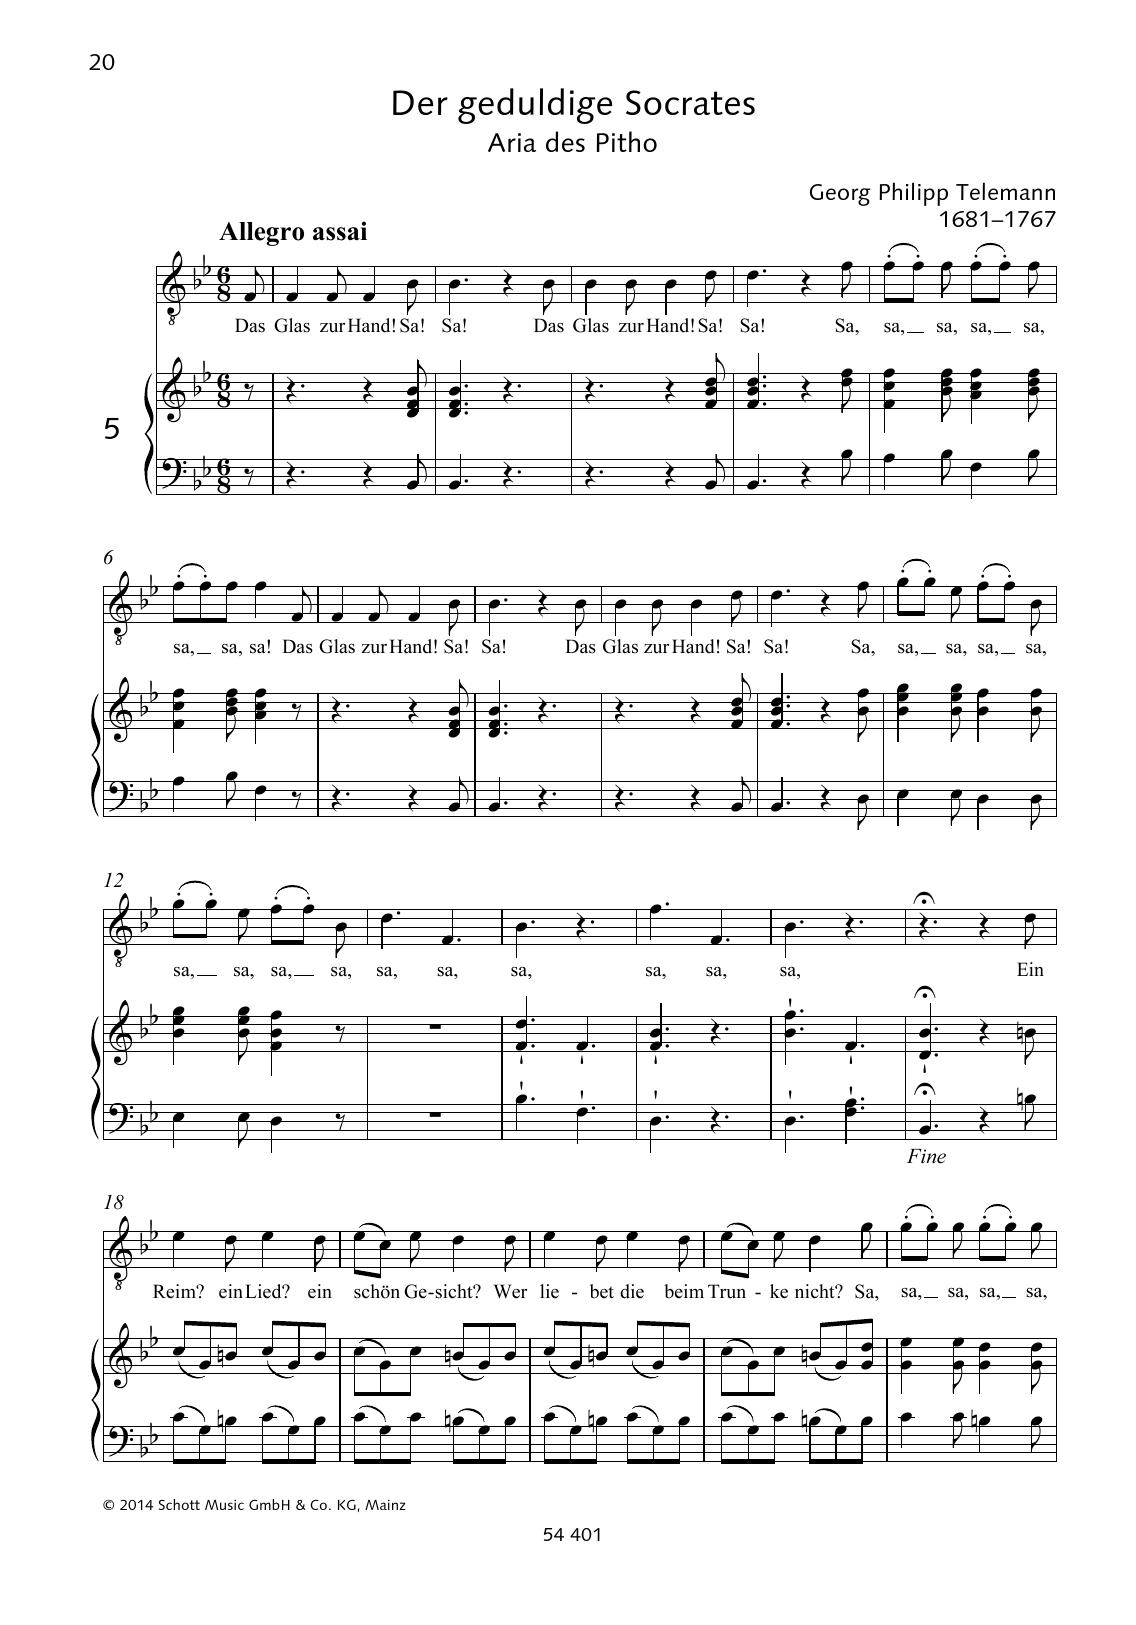 Das Glas zur Hand Sheet Music